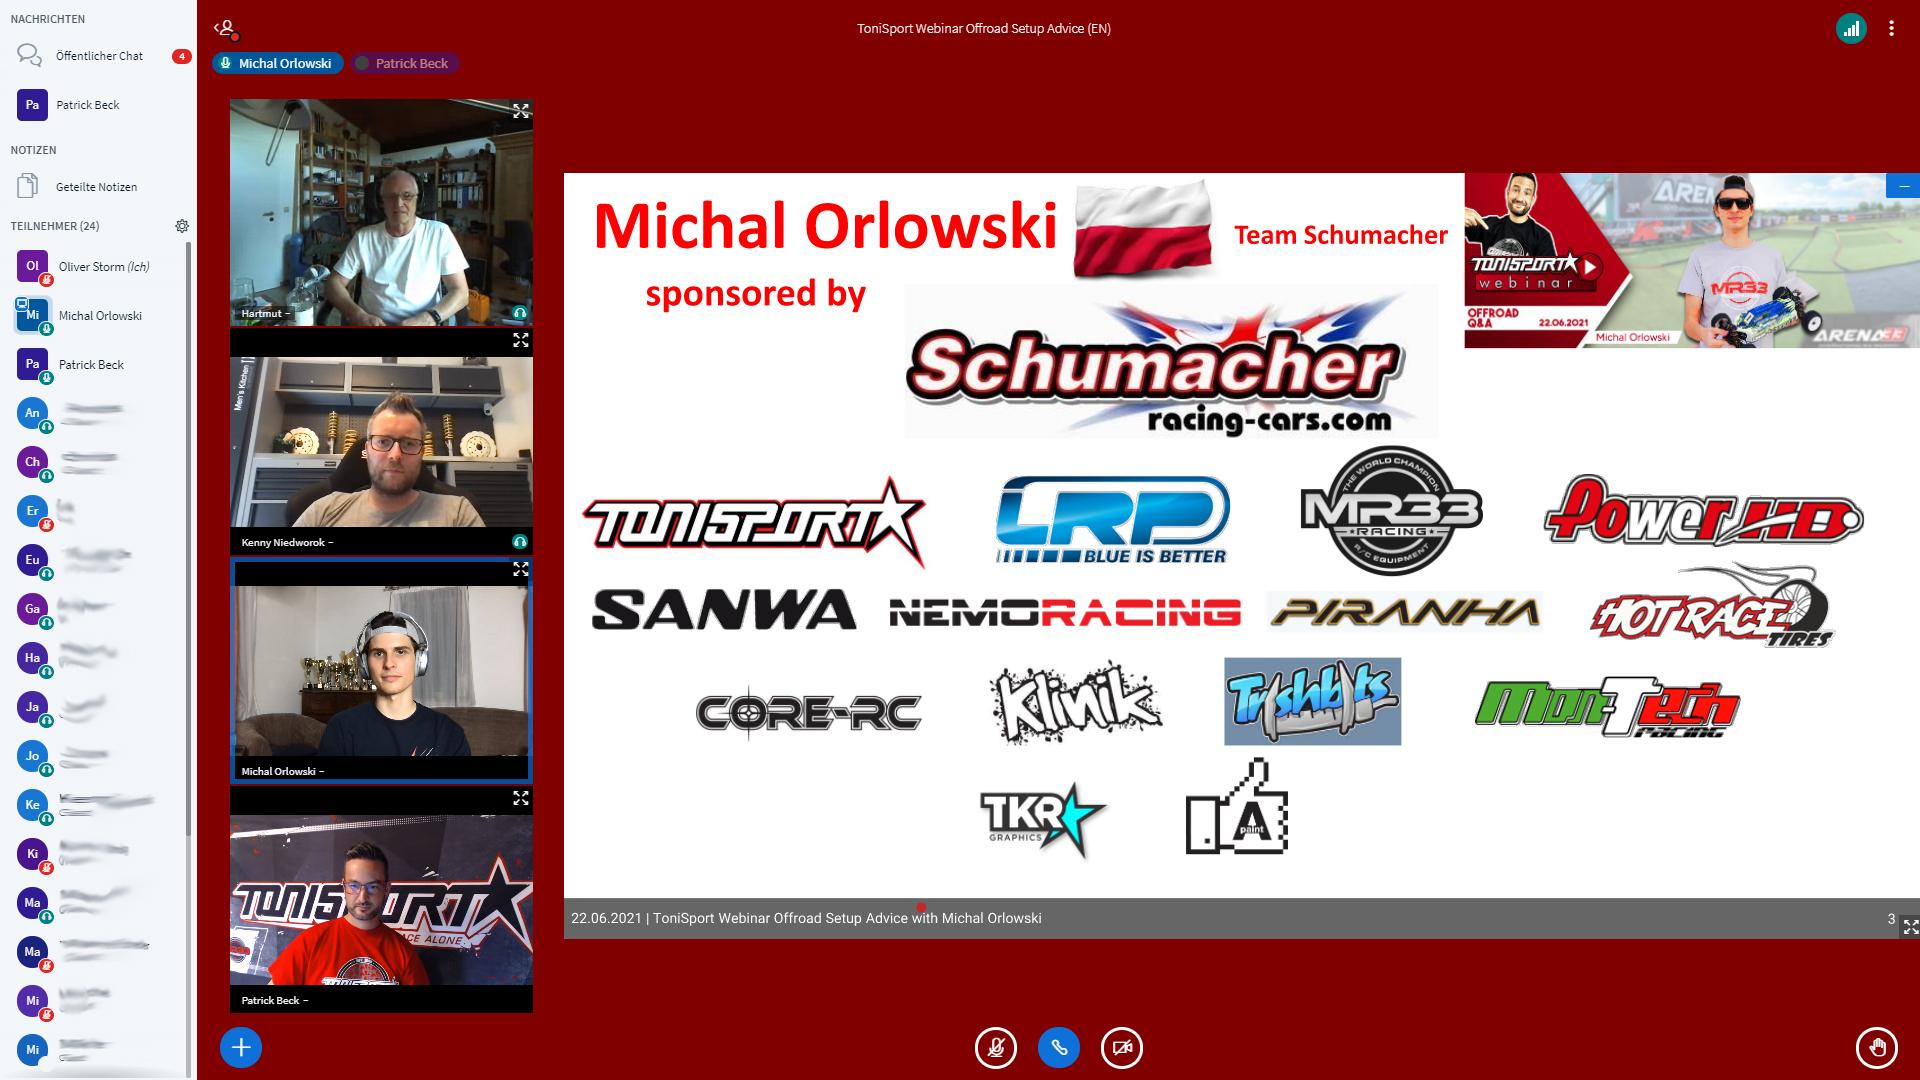 Zusammenfassung Tonisport Webinar: Offroad Setup Advice mit Michal Orlowski